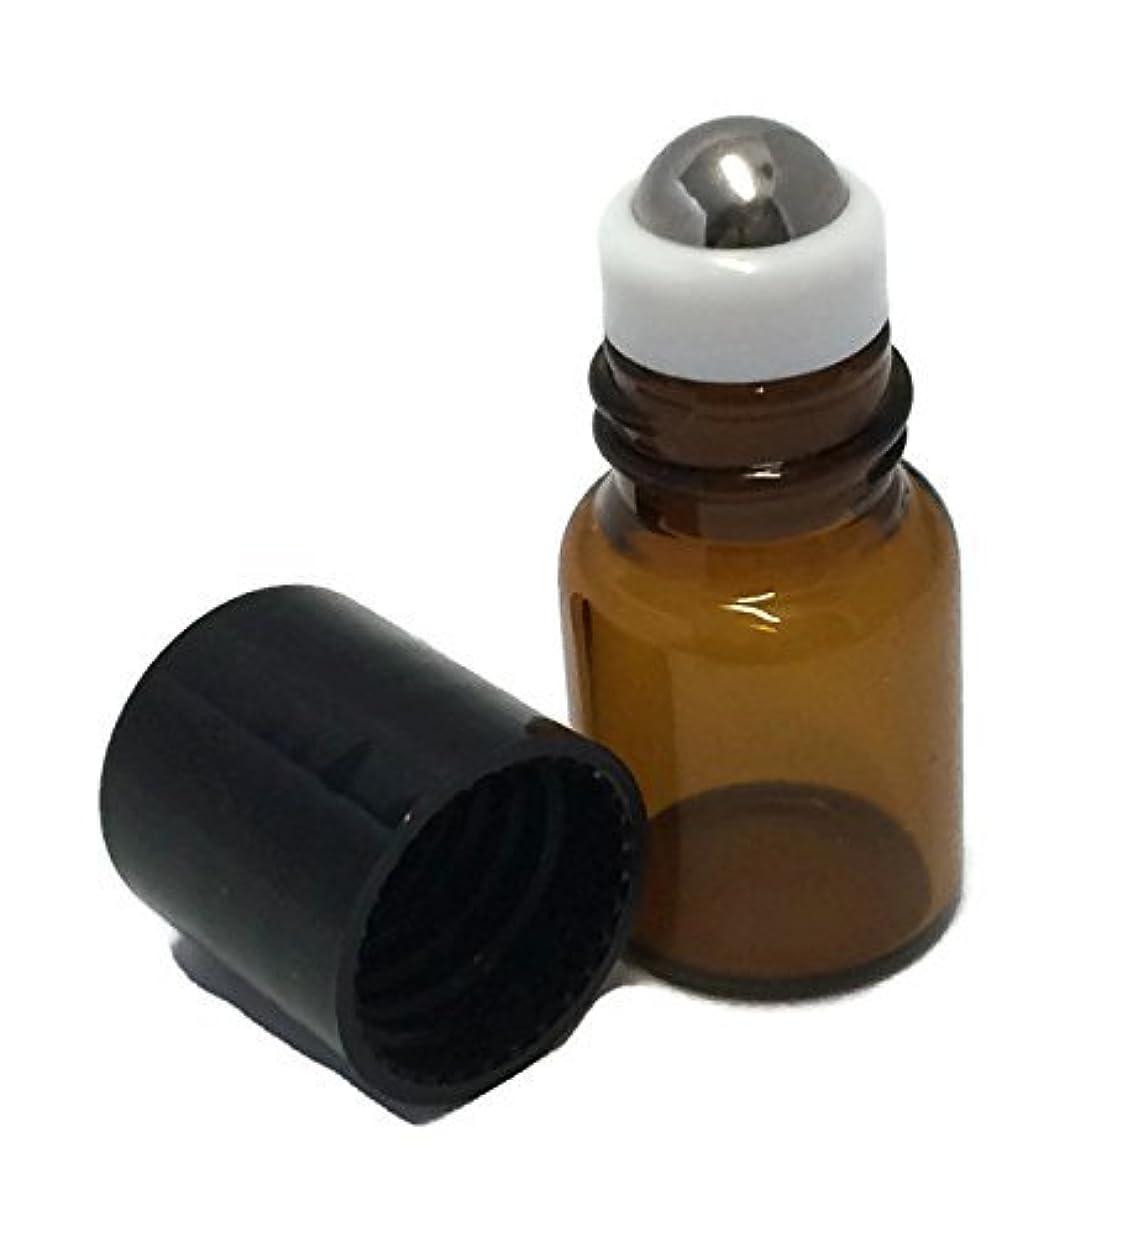 レンチ中絶デンマークUSA 72ea - Amber Glass 2 ml, 5/8 Dram Mini Roll-On Glass Bottles with Stainless Steel Roller Balls - Refillable Aromatherapy Essential Oil Roll On 72 [並行輸入品]